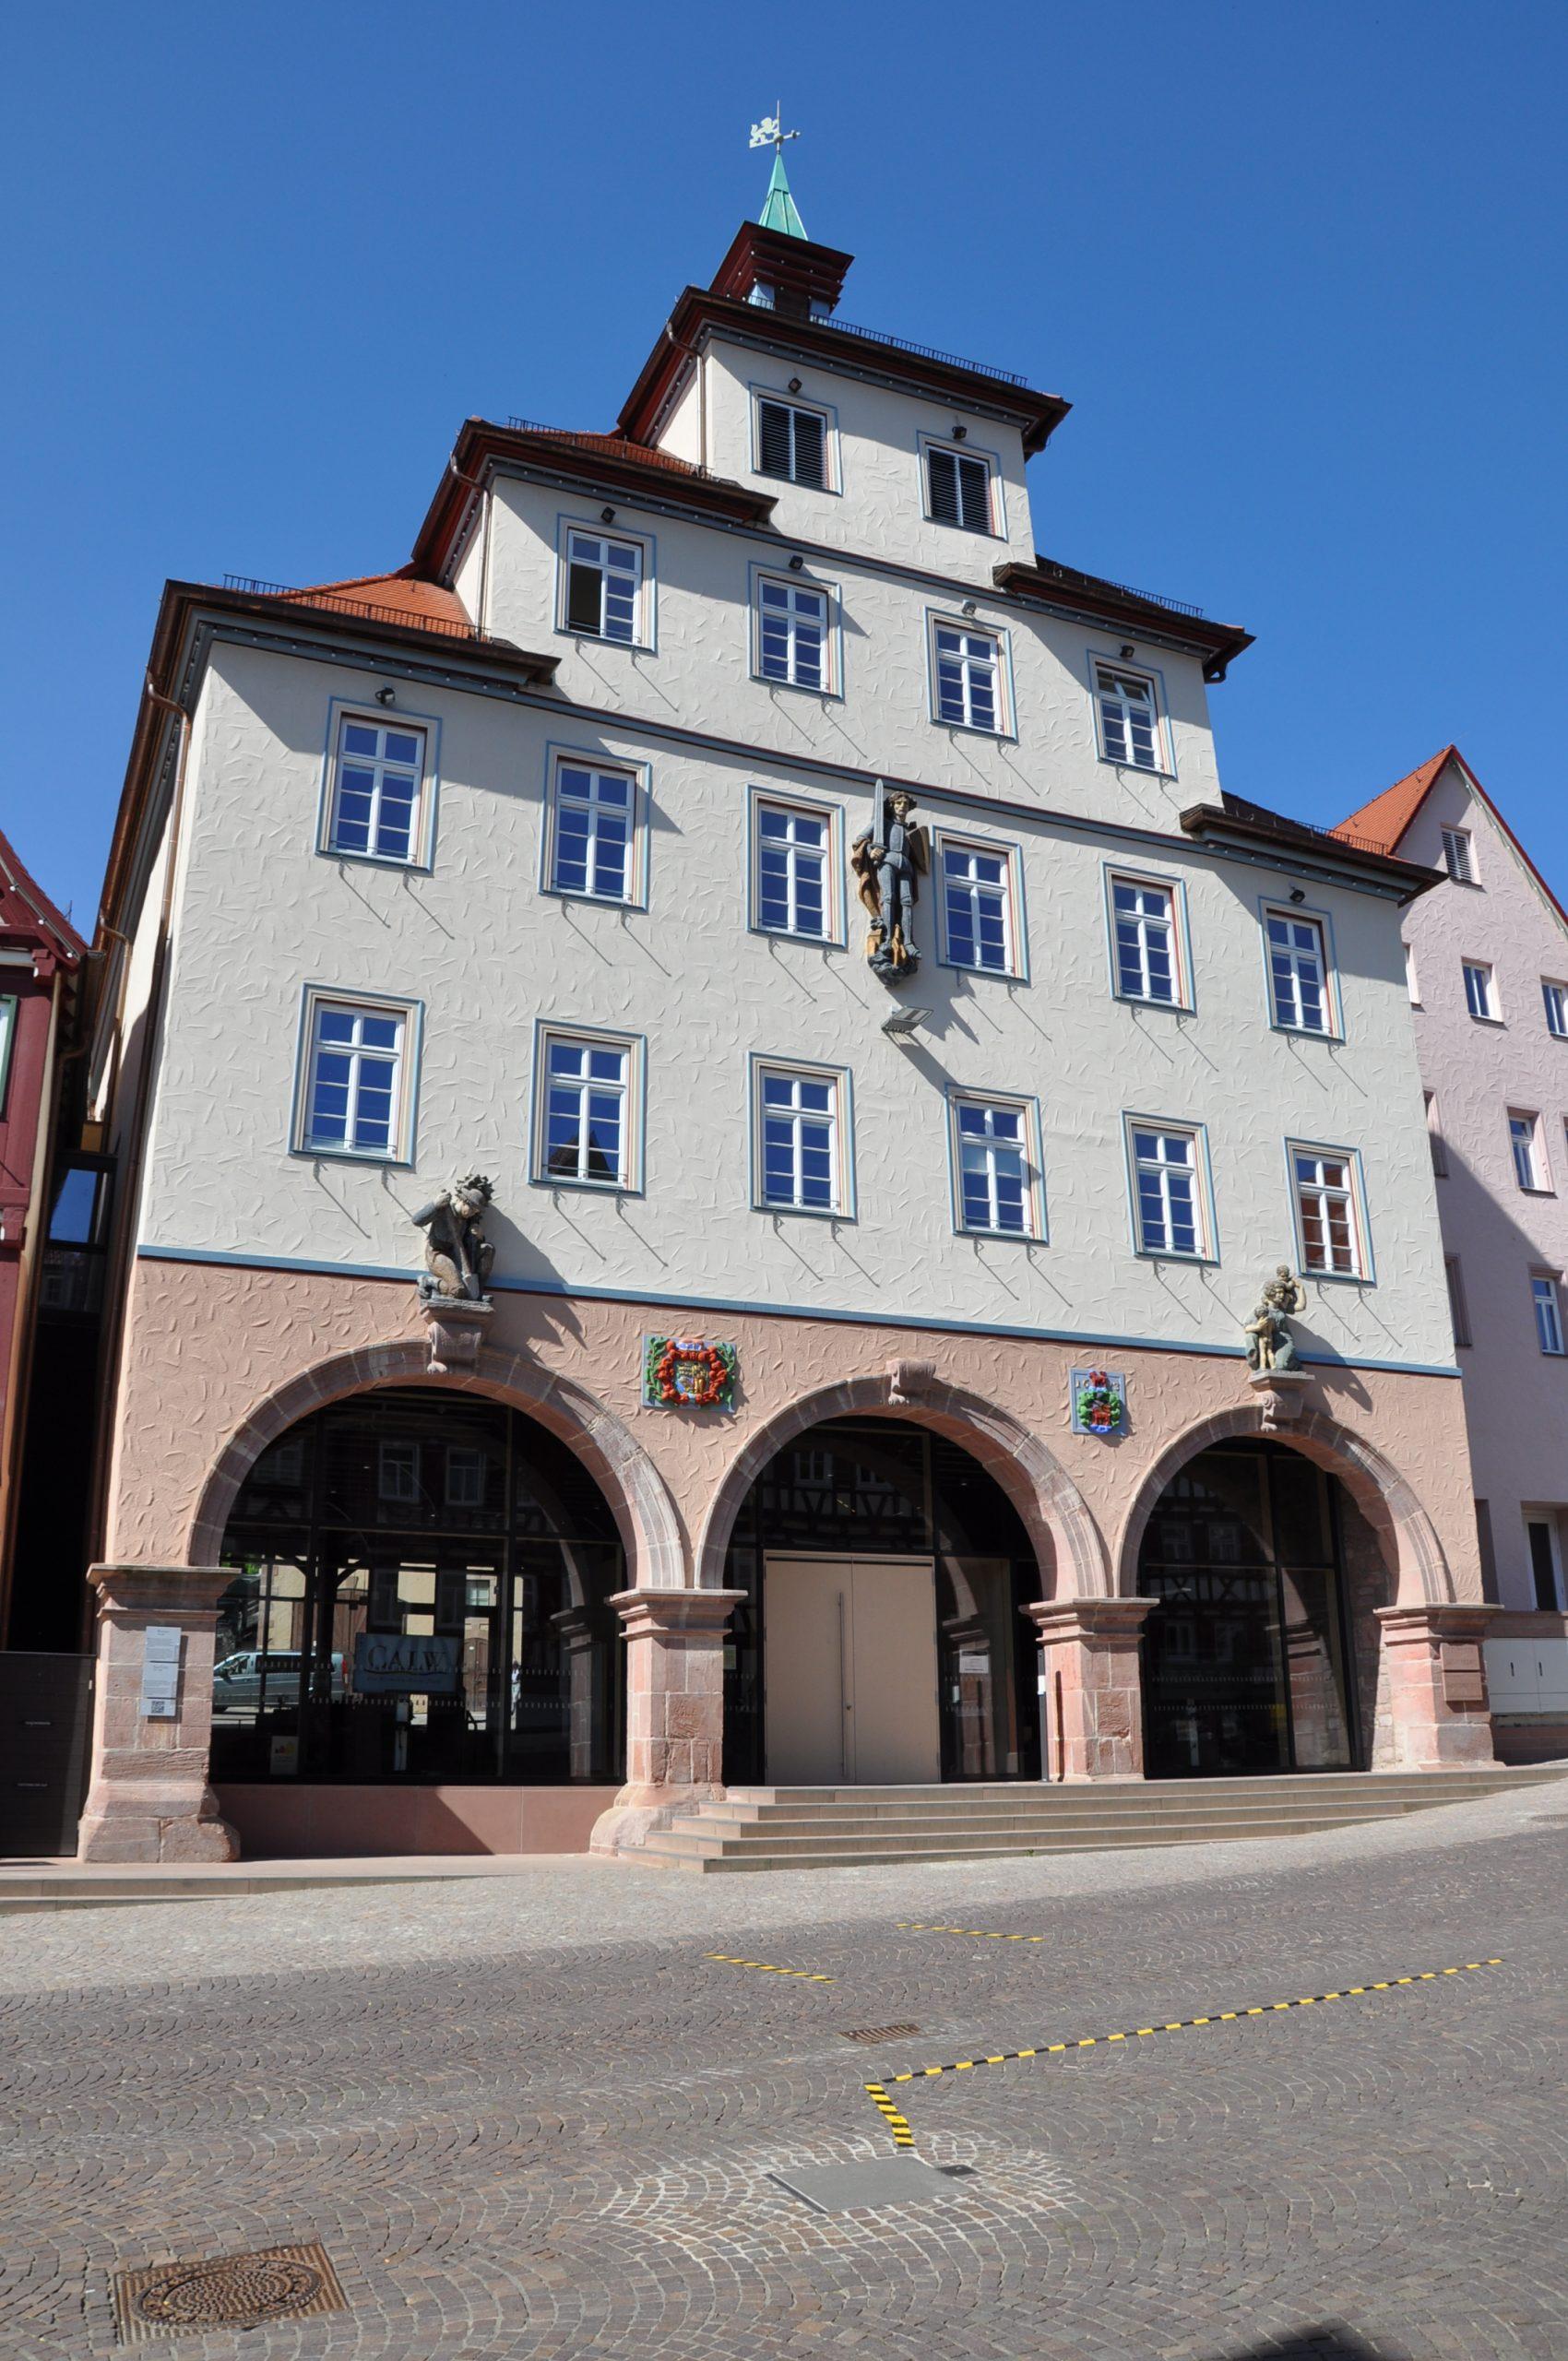 Blenke gratuliert der Stadt Calw zur Erneuerung der Kernstadt